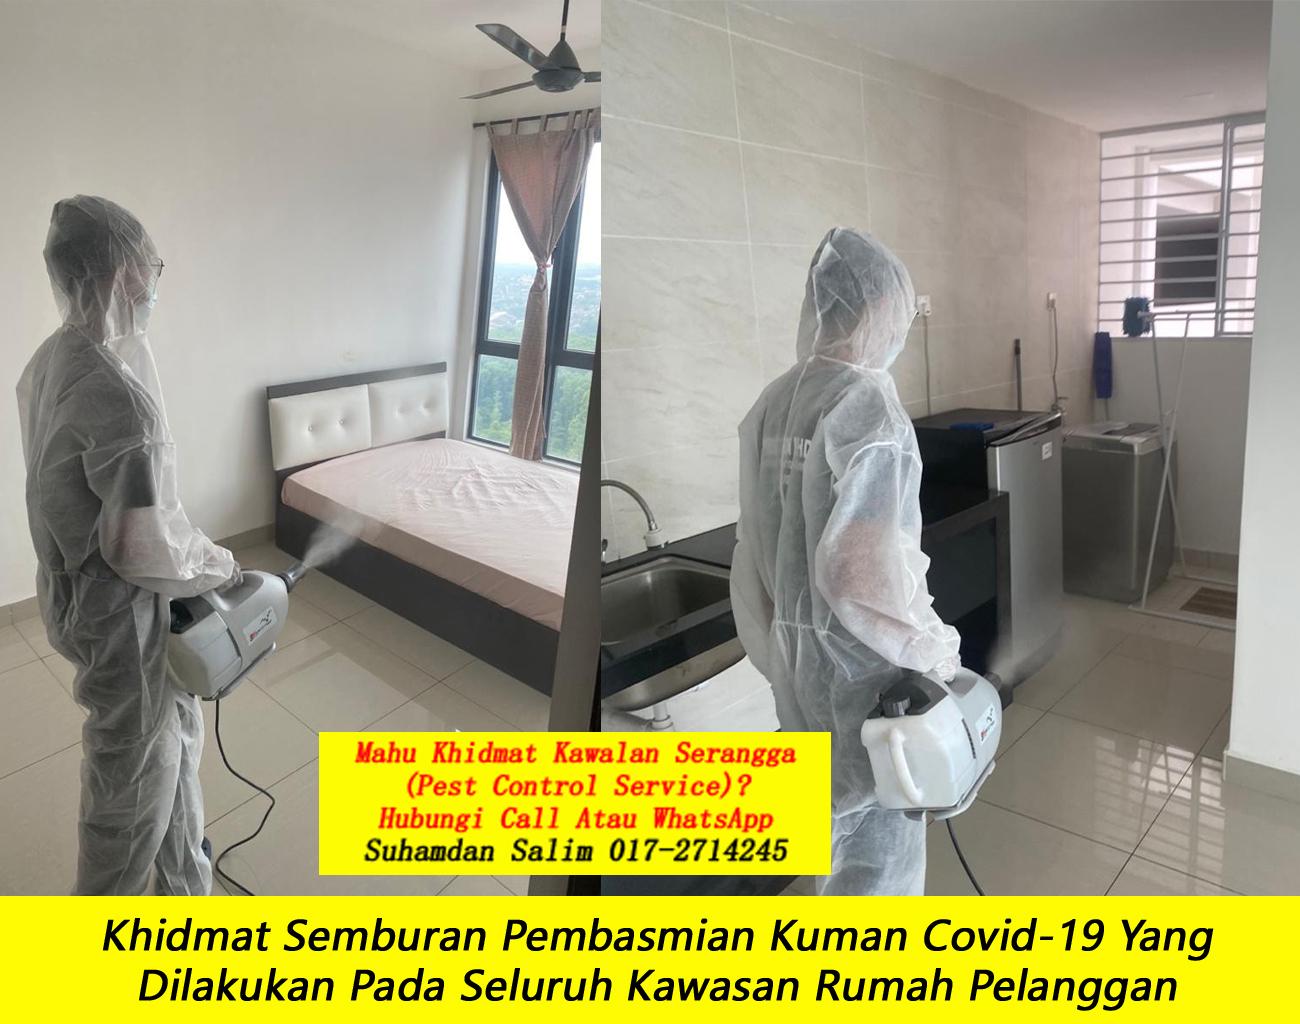 khidmat sanitizing membasmi kuman Covid-19 Disinfection Service di JB skudai masai pasir gudang syarikat kawalan serangga pest control company di johor bahru skudai pasir gudang ulu tiram